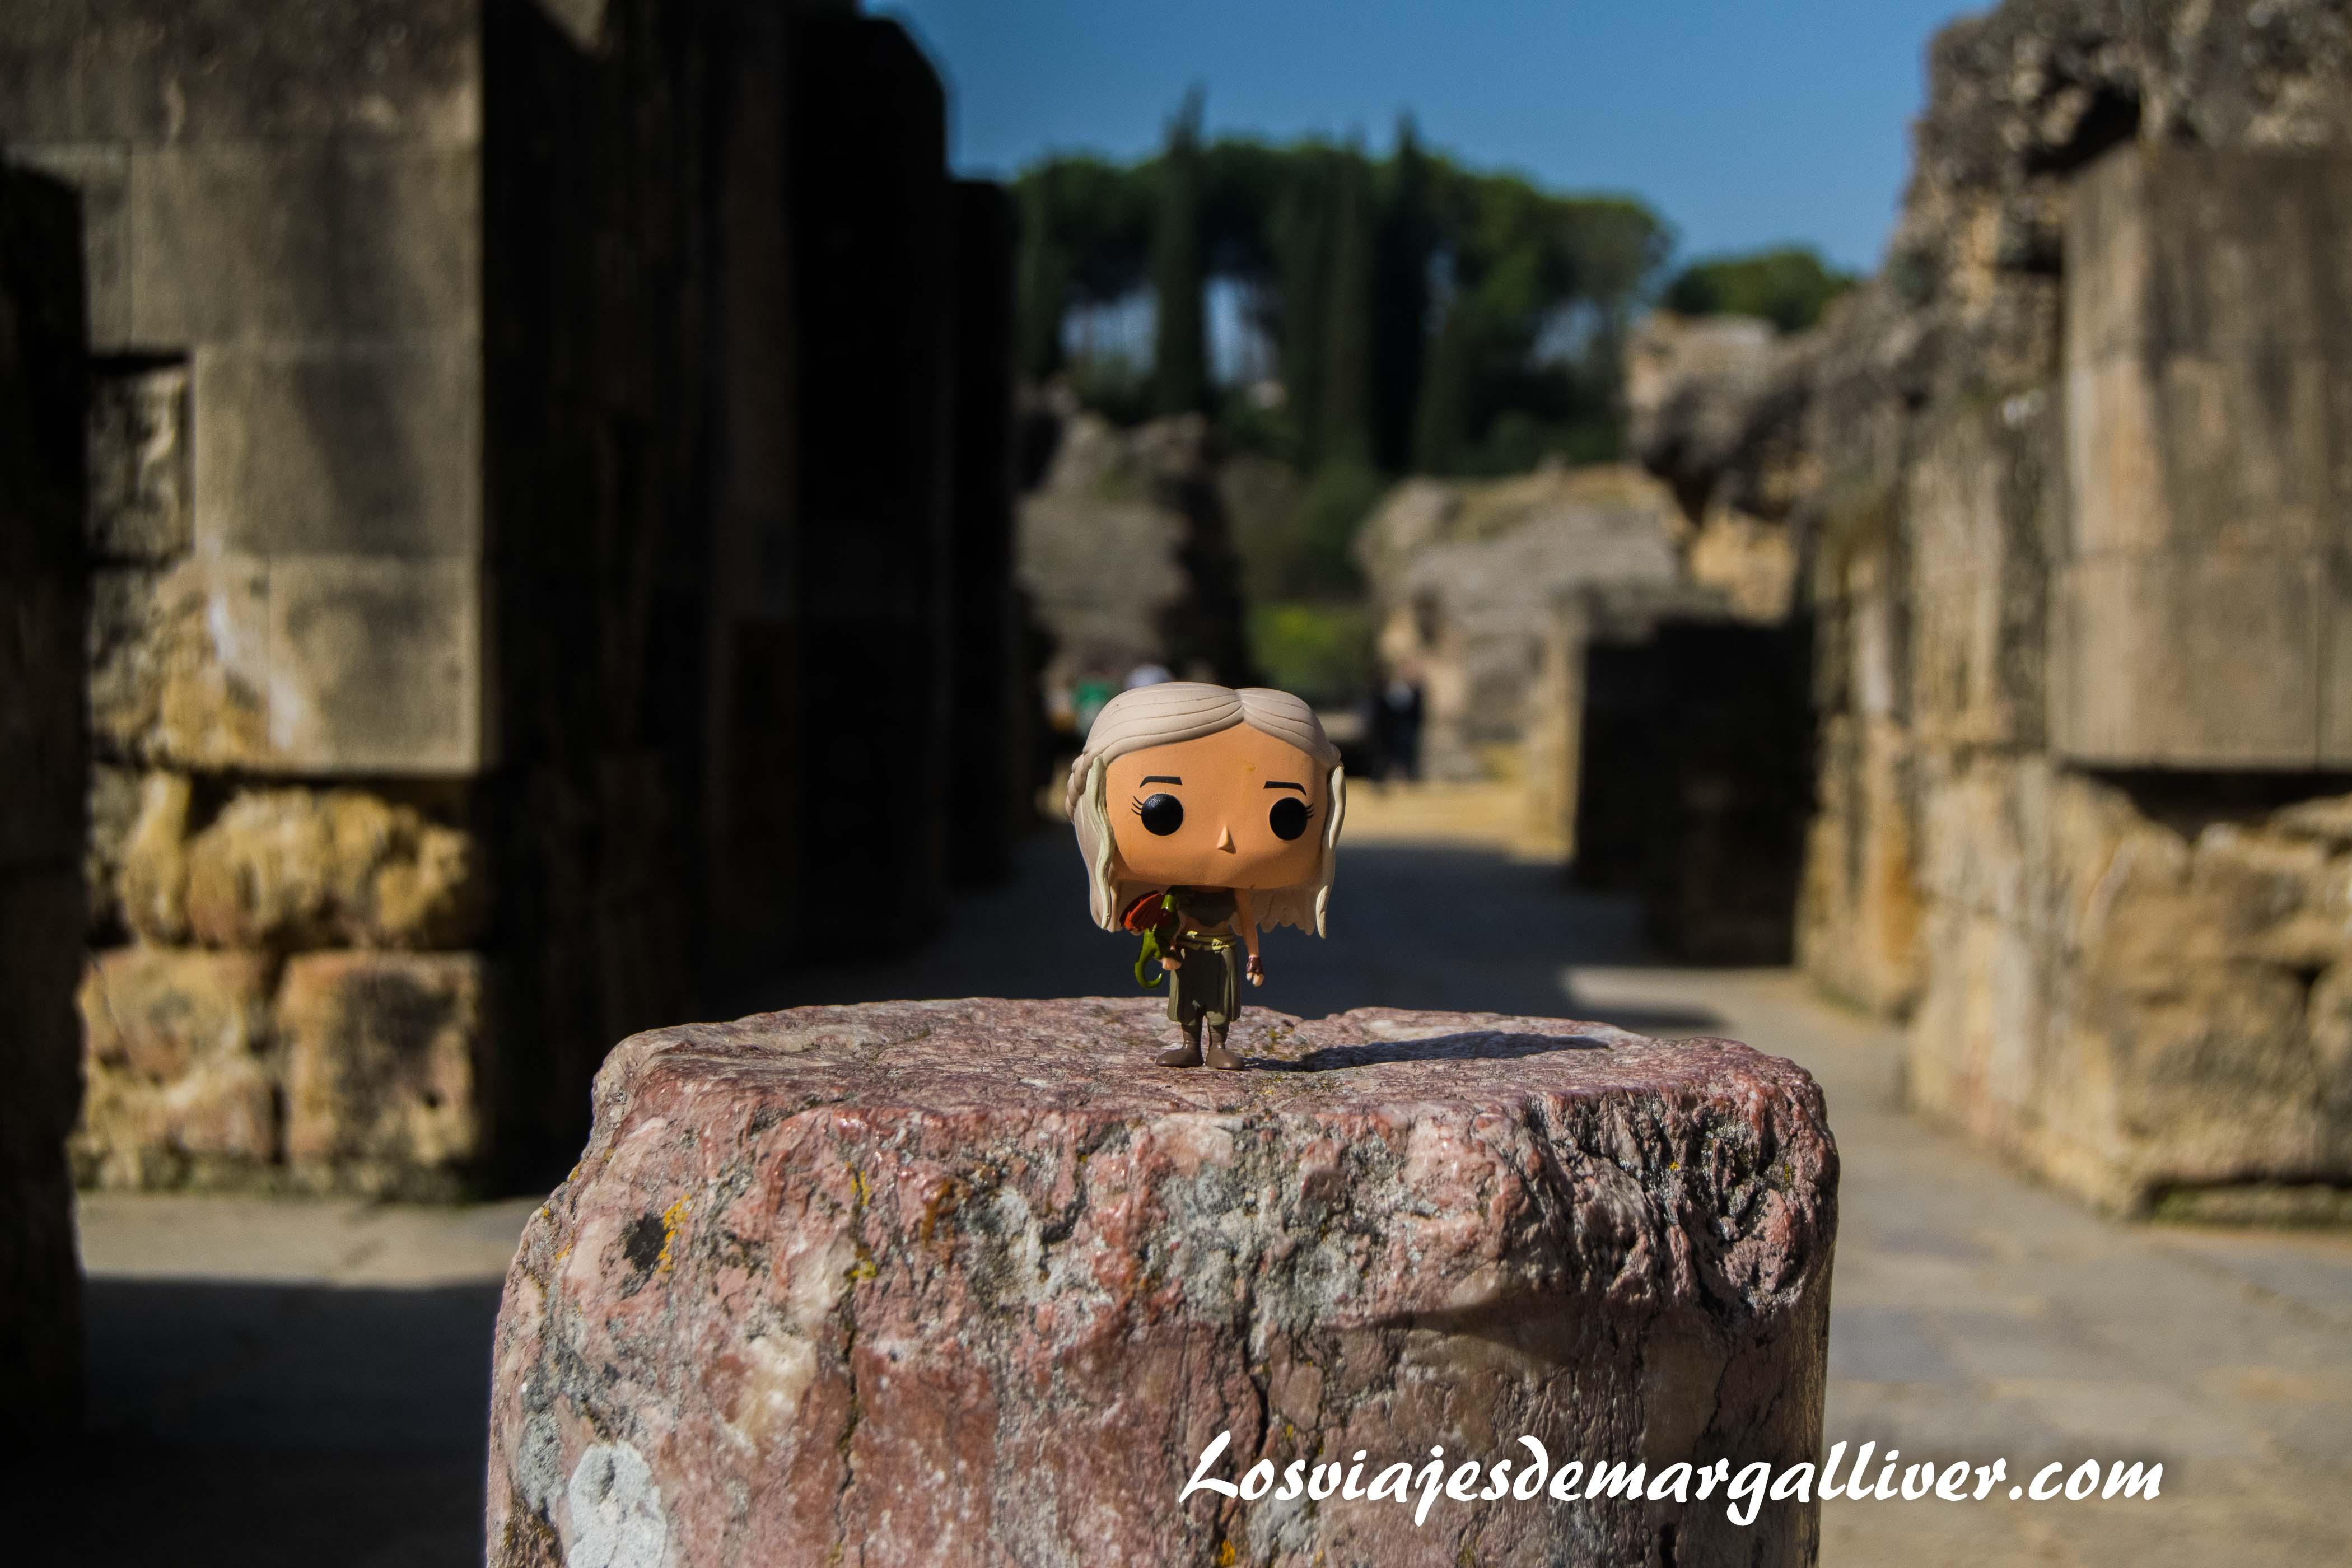 daenerys en pozo dragón en Itálica, resumen viajero 2017 - Los viajes de Margalliver